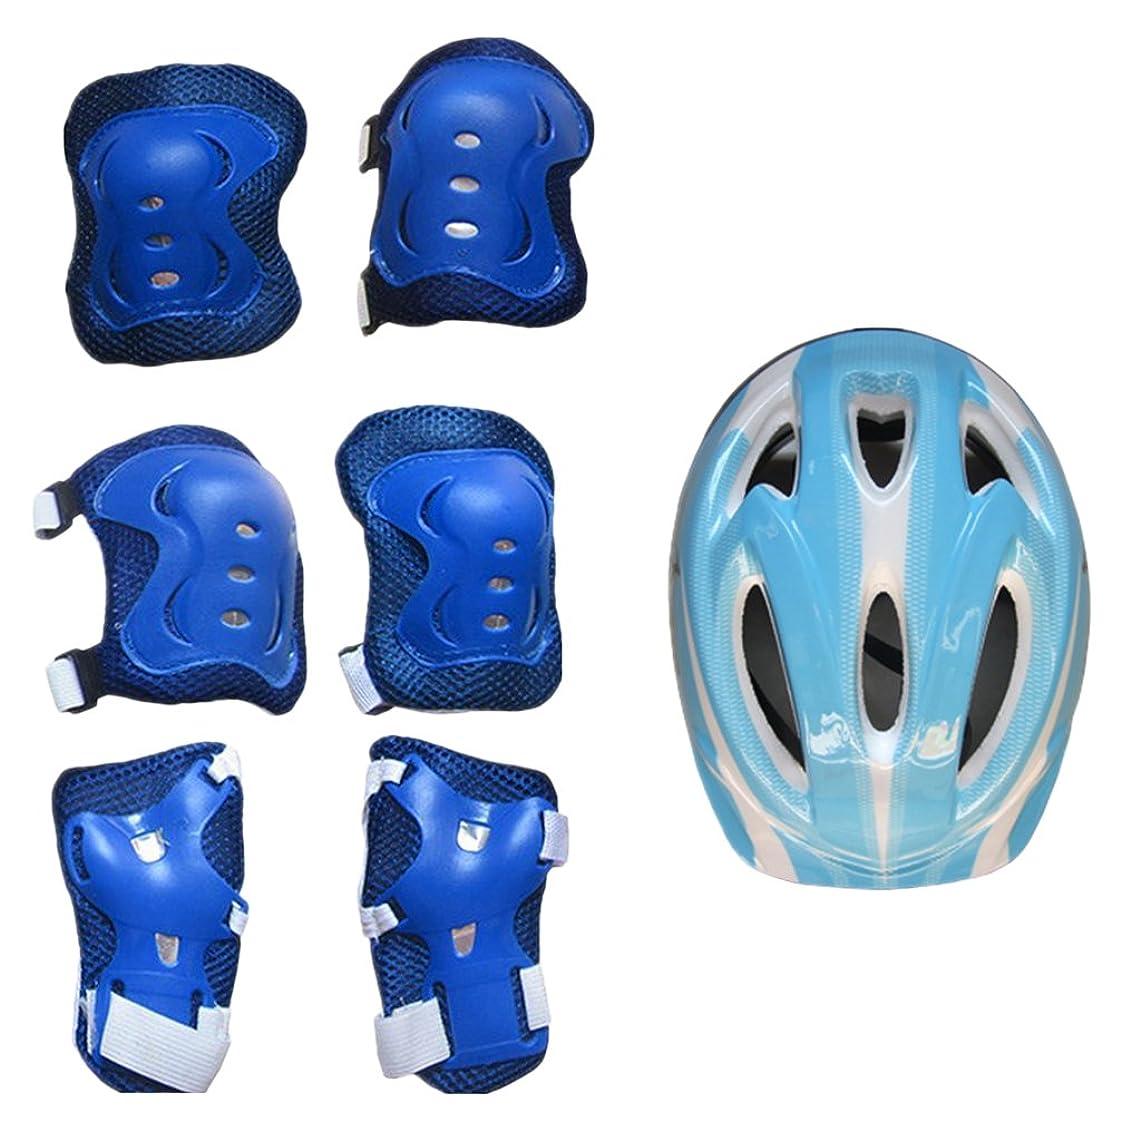 奇妙なメディア増幅Fenteer 子供 ヘルメット 膝パッド 肘パッド 手首ガード スケートボード 自転車 インラインスケート ローラースケート用 保護装置 全5色